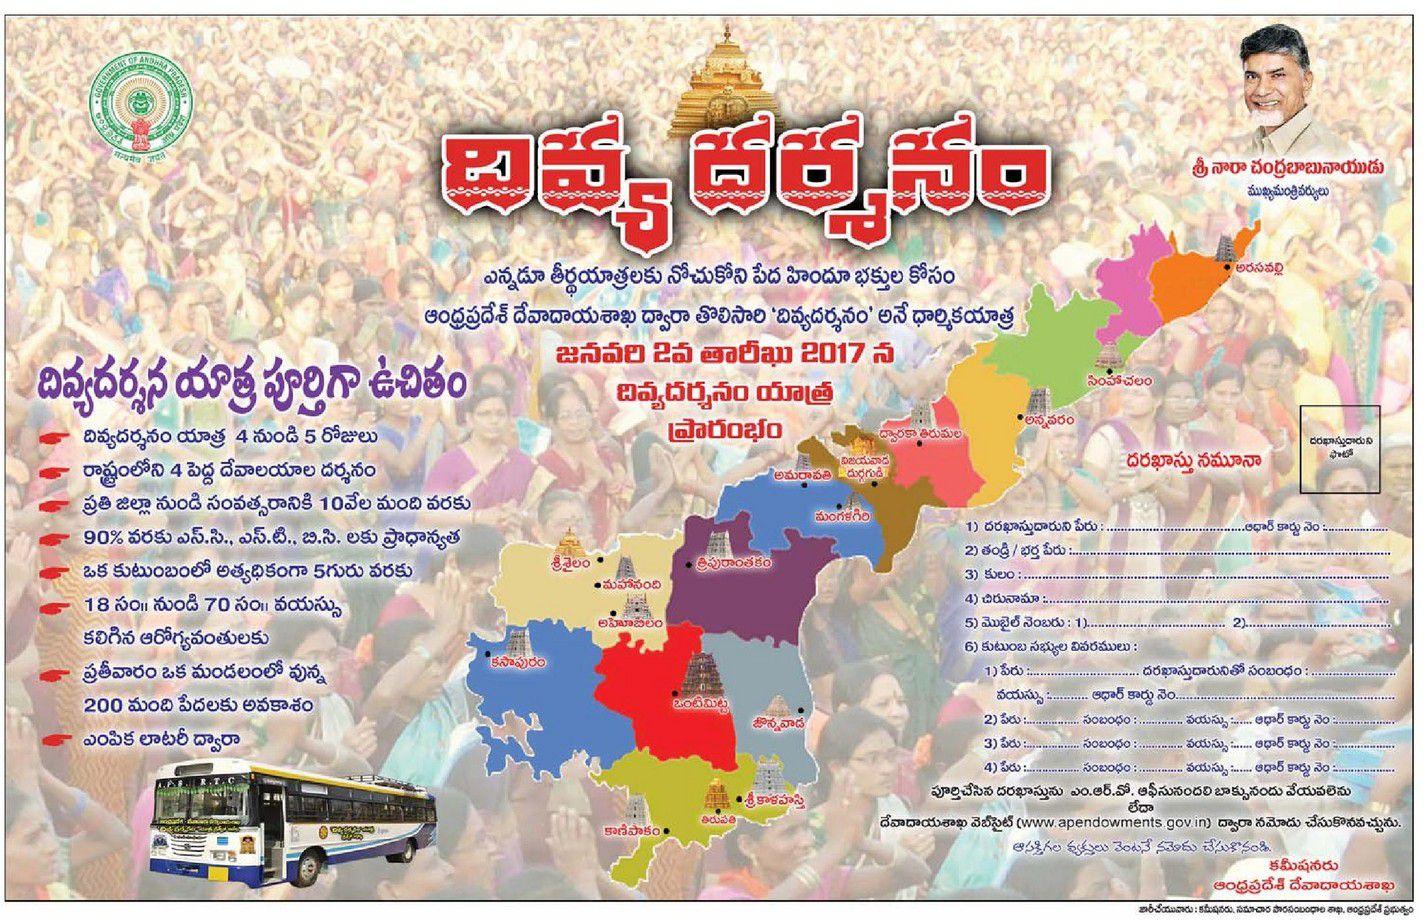 ap-govt-divya-darsanam